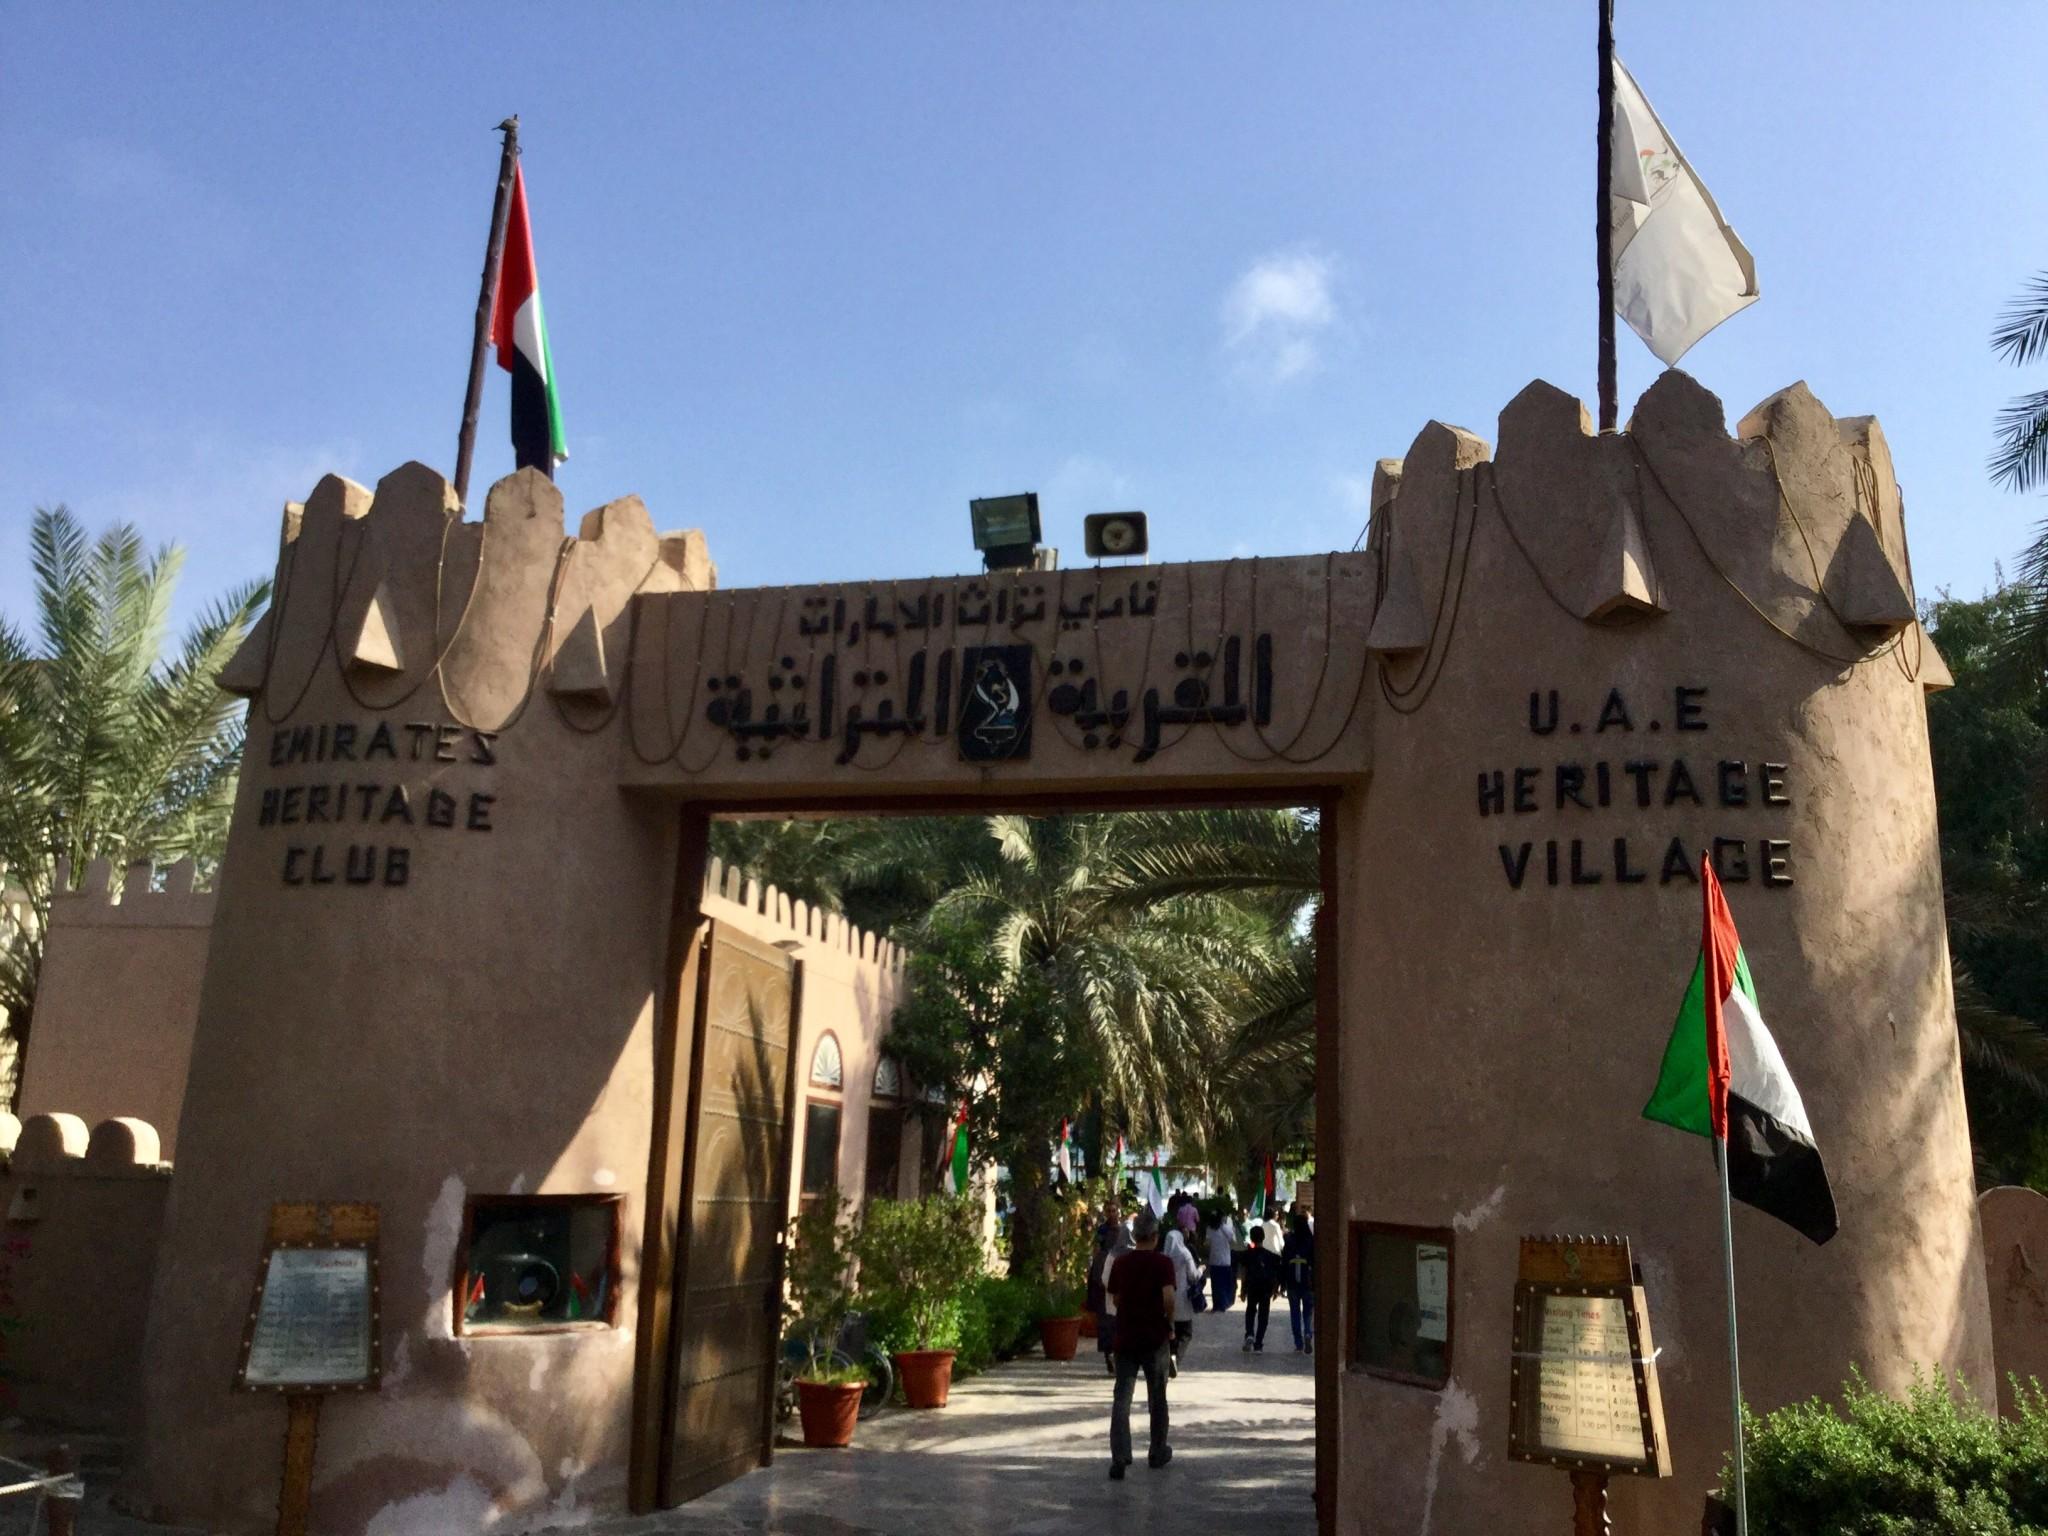 Heritage Villagen sisäänkäynti